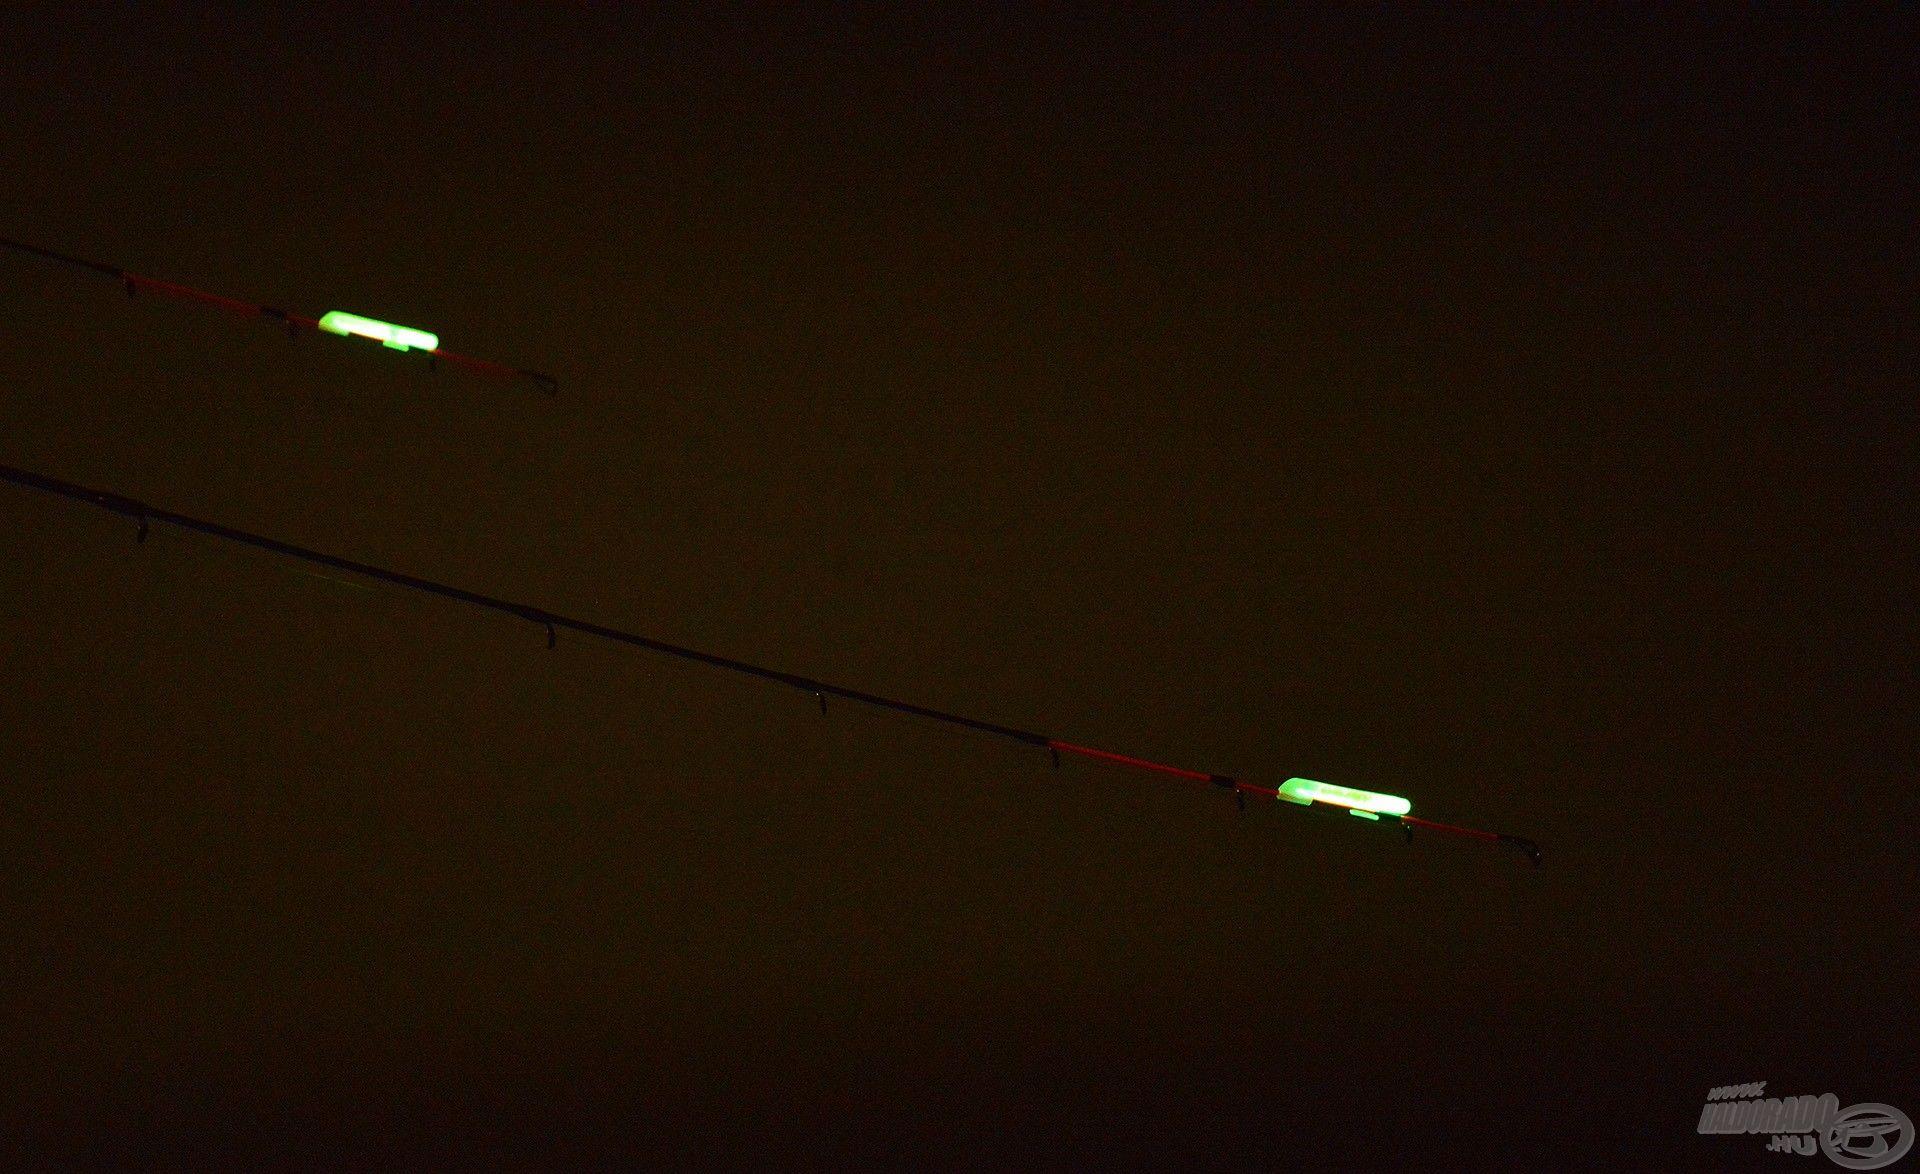 A Night Wasp világítópatronok egyszerű és nagyszerű kiegészítők éjszakai feederezéshez